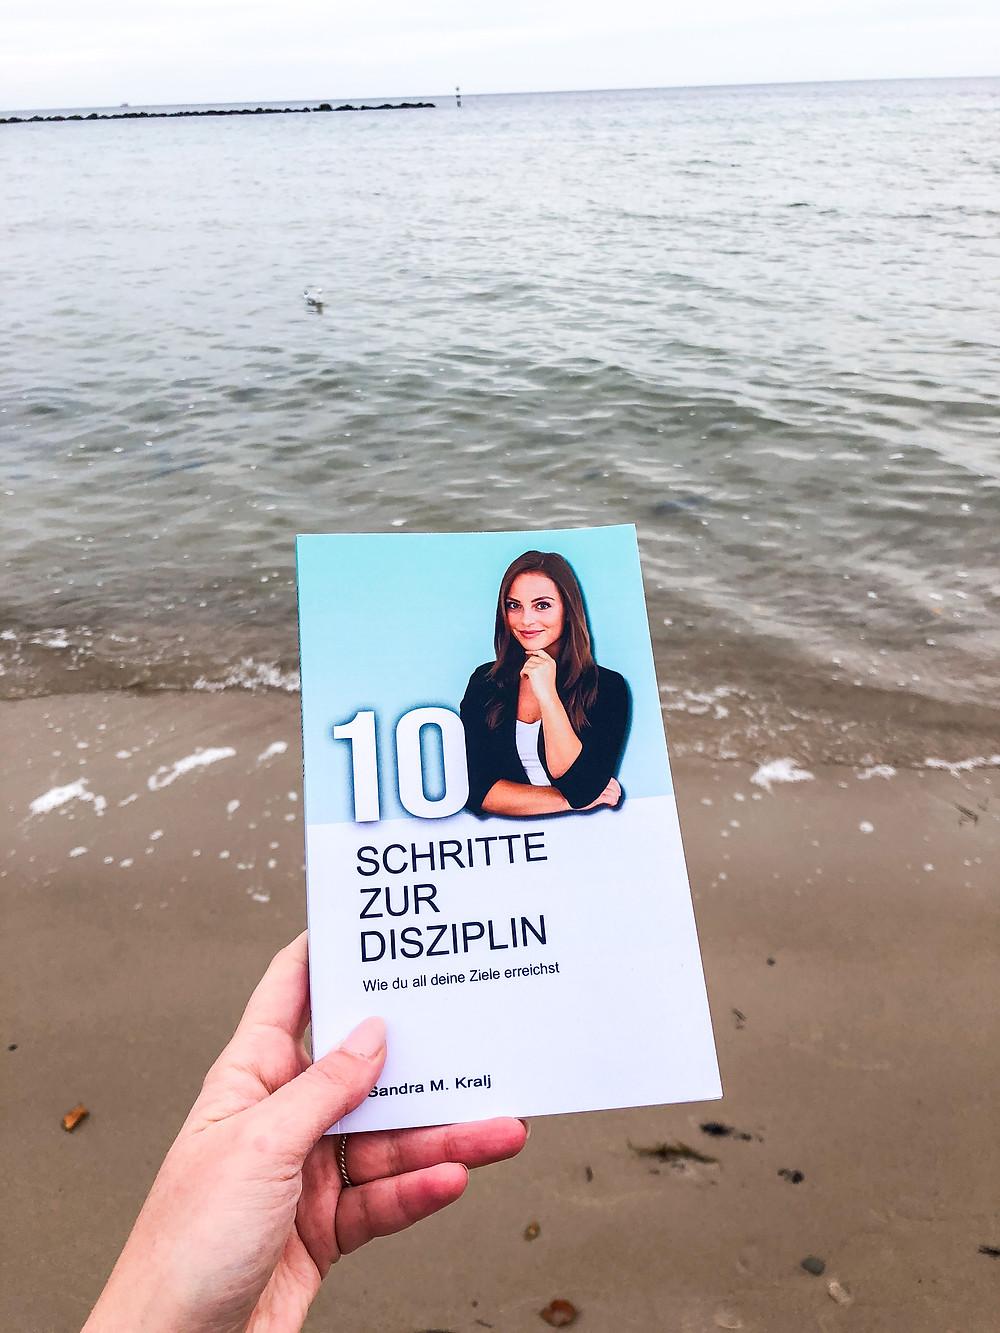 Mit 10 Schritte zur Disziplin bekommt man eine Schritt für Schritt Anleitung, wie man es schaffen kann, disziplinierter zu werden und seine Ziele im Leben zu erreichen.